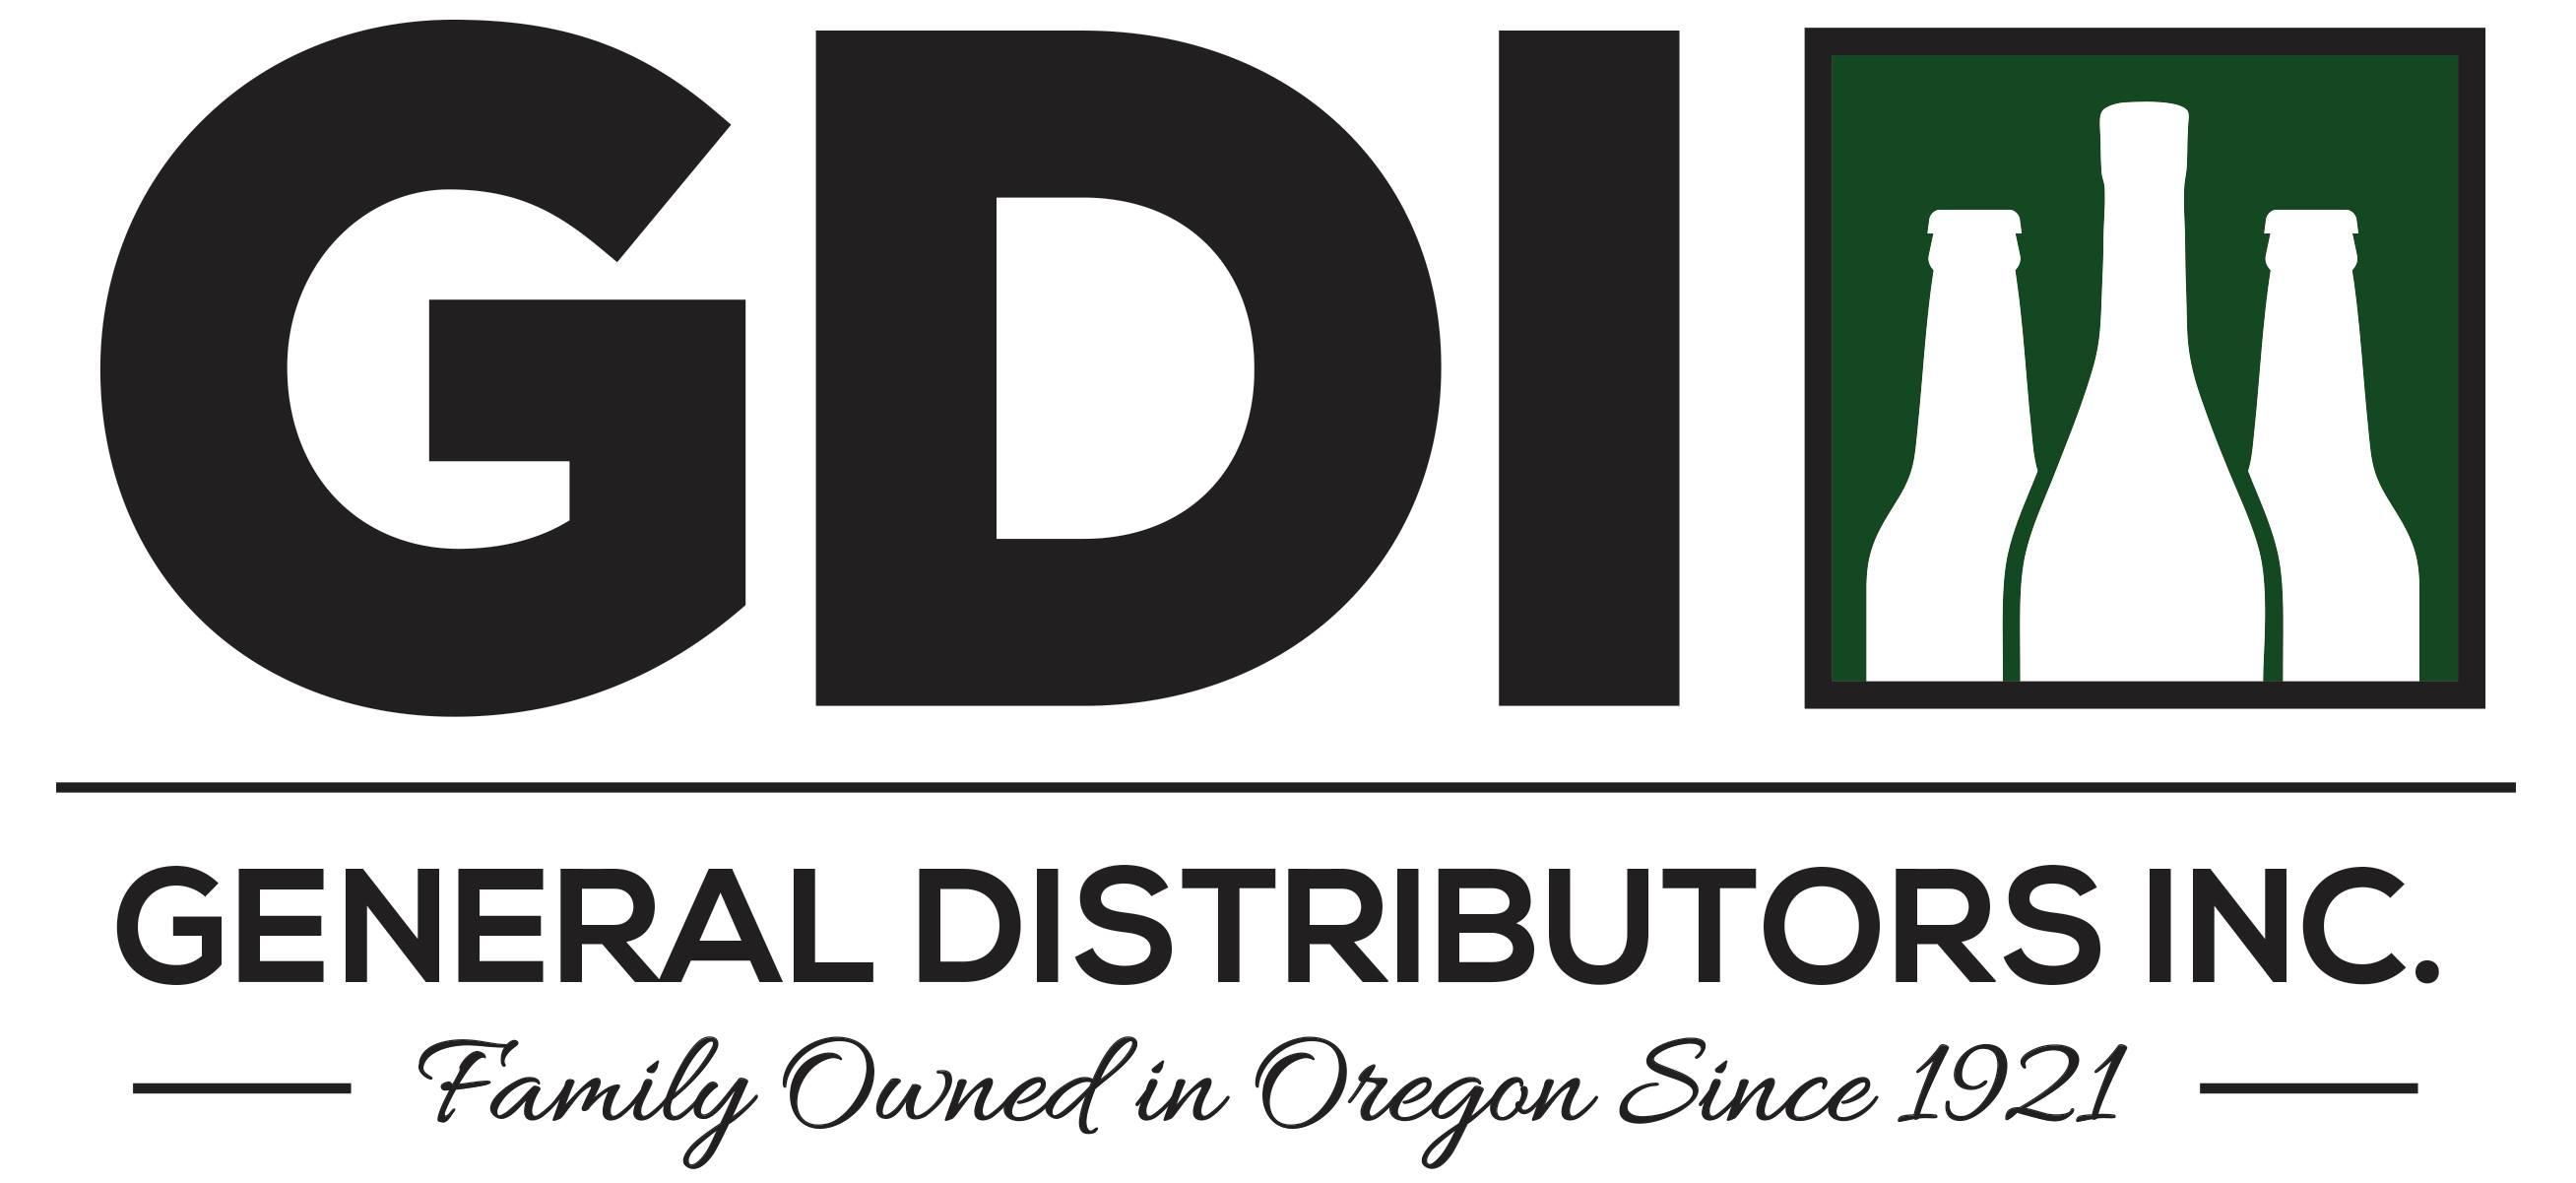 General Distributors logo